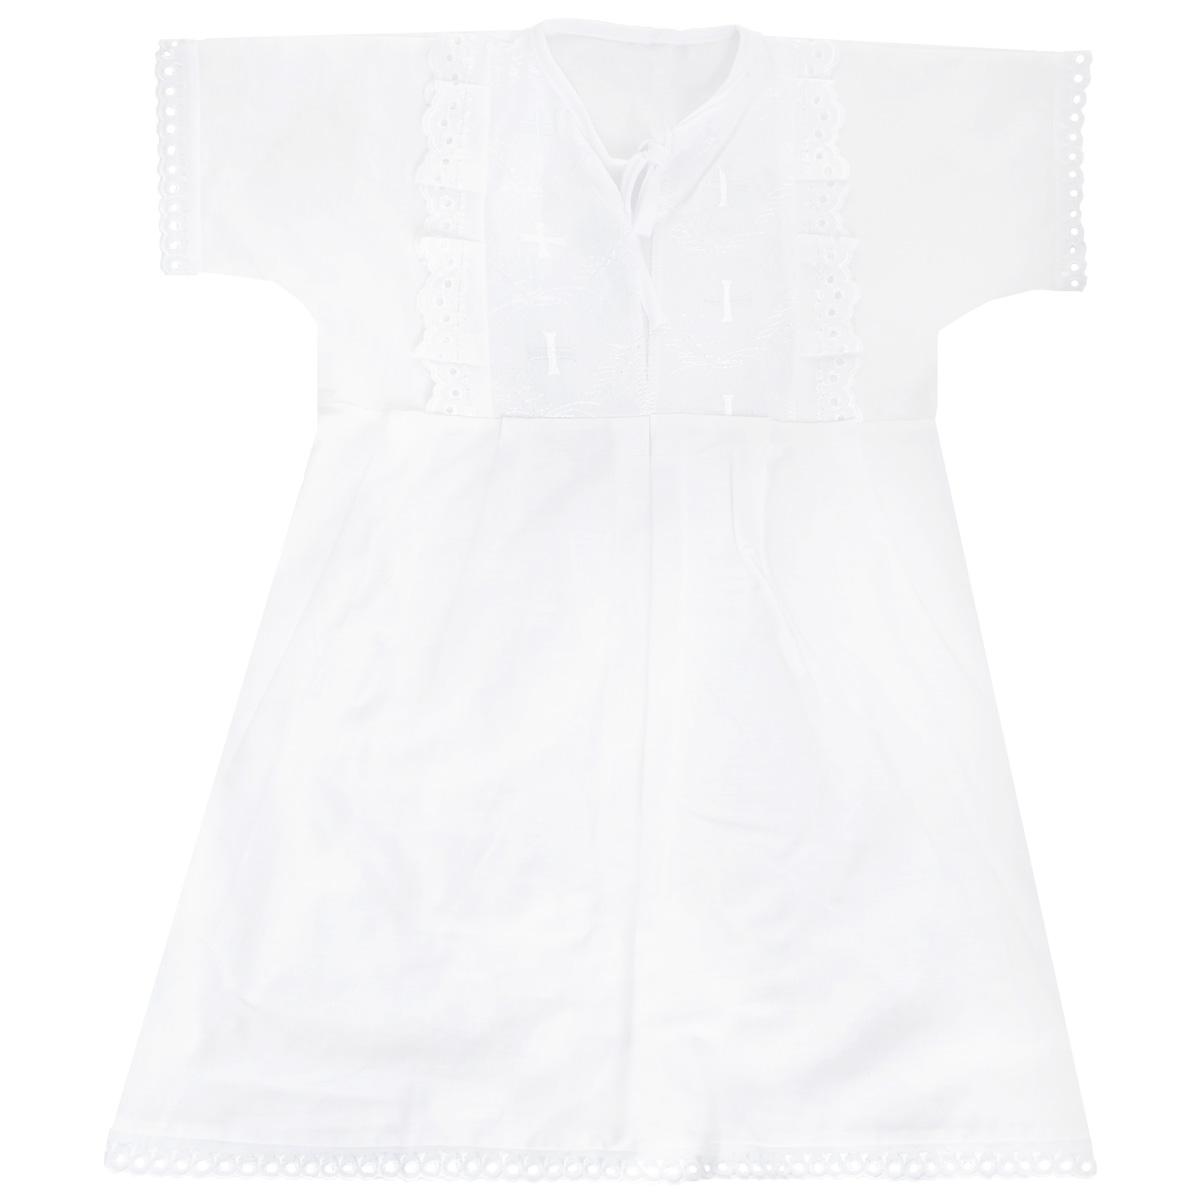 1148Крестильная рубашка для девочки Трон-плюс, выполненная из натурального хлопка, идеально подойдет для крещения вашей малышки. Рубашка необычайно мягкая и приятная на ощупь, не сковывает движения и позволяет коже дышать, не раздражает нежную кожу ребенка, обеспечивая ему наибольший комфорт. Рубашка трапециевидной формы с короткими рукавами имеет две завязки на груди, которые помогают с легкостью переодеть младенца. На груди рубашечка украшена ажурными рюшами и вышивками. Низ рукавов и низ изделия оформлен ажурными петельками. От линии талии заложены складочки, придающие рубашке пышность. Благодаря такой рубашке ваша малышка не замерзнет, и будет выглядеть нарядно.